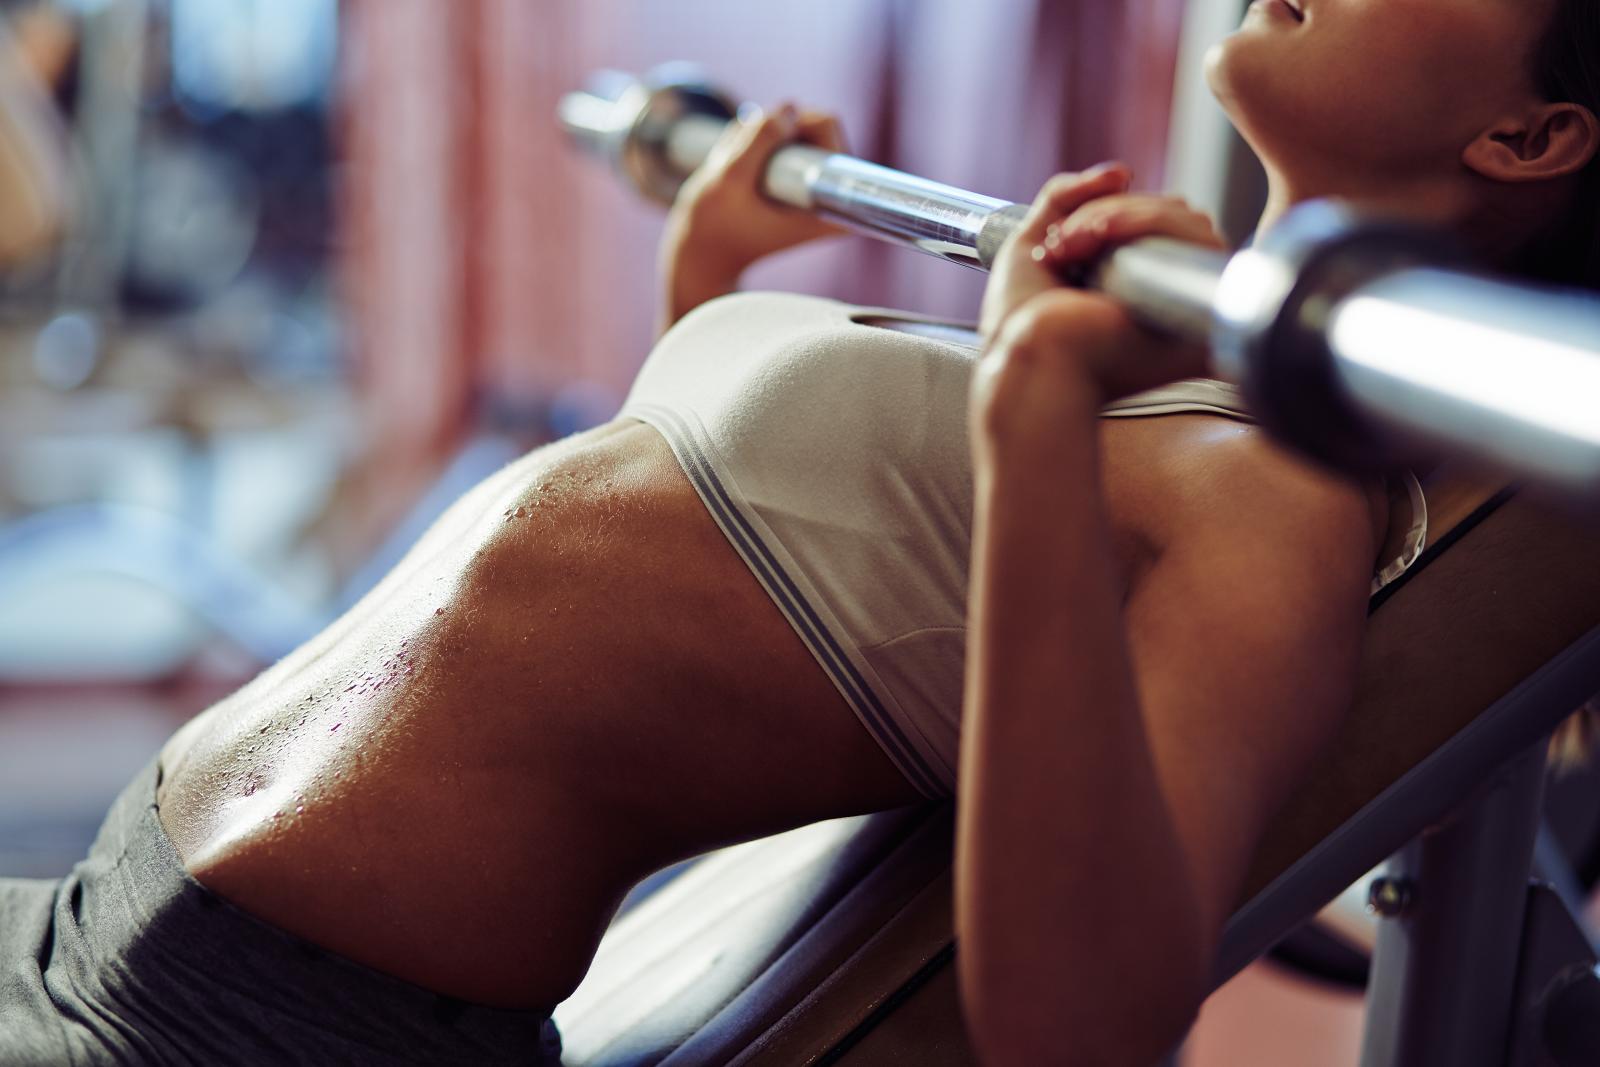 Postoje dodaci prehrani koji su od velike koristi jer pridonose bržem postizanju dobre forme.